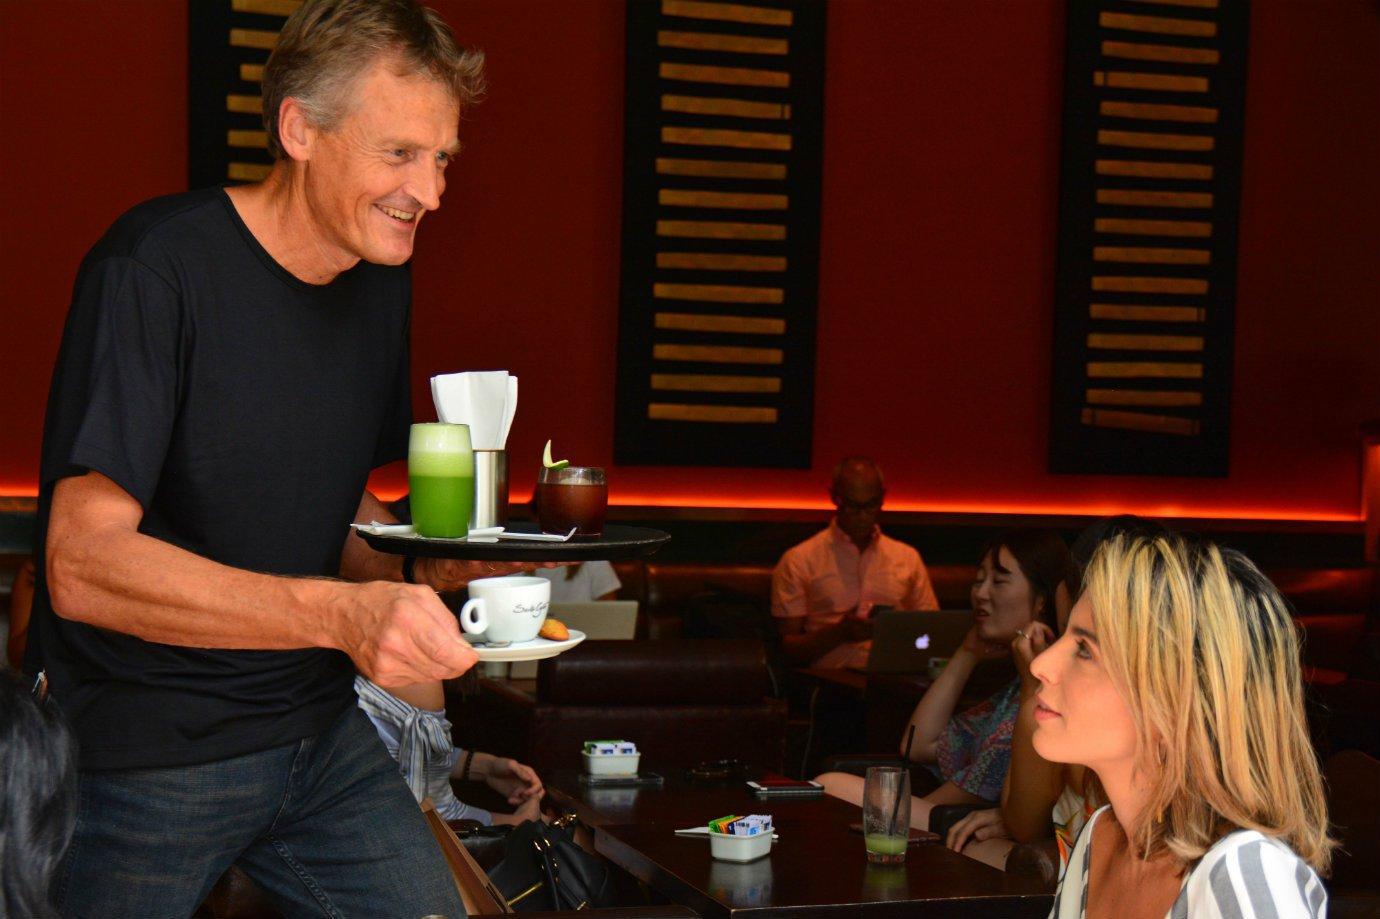 Marco Kerkmeester, do Santo Grão, atuando como garçom em uma das cafeterias